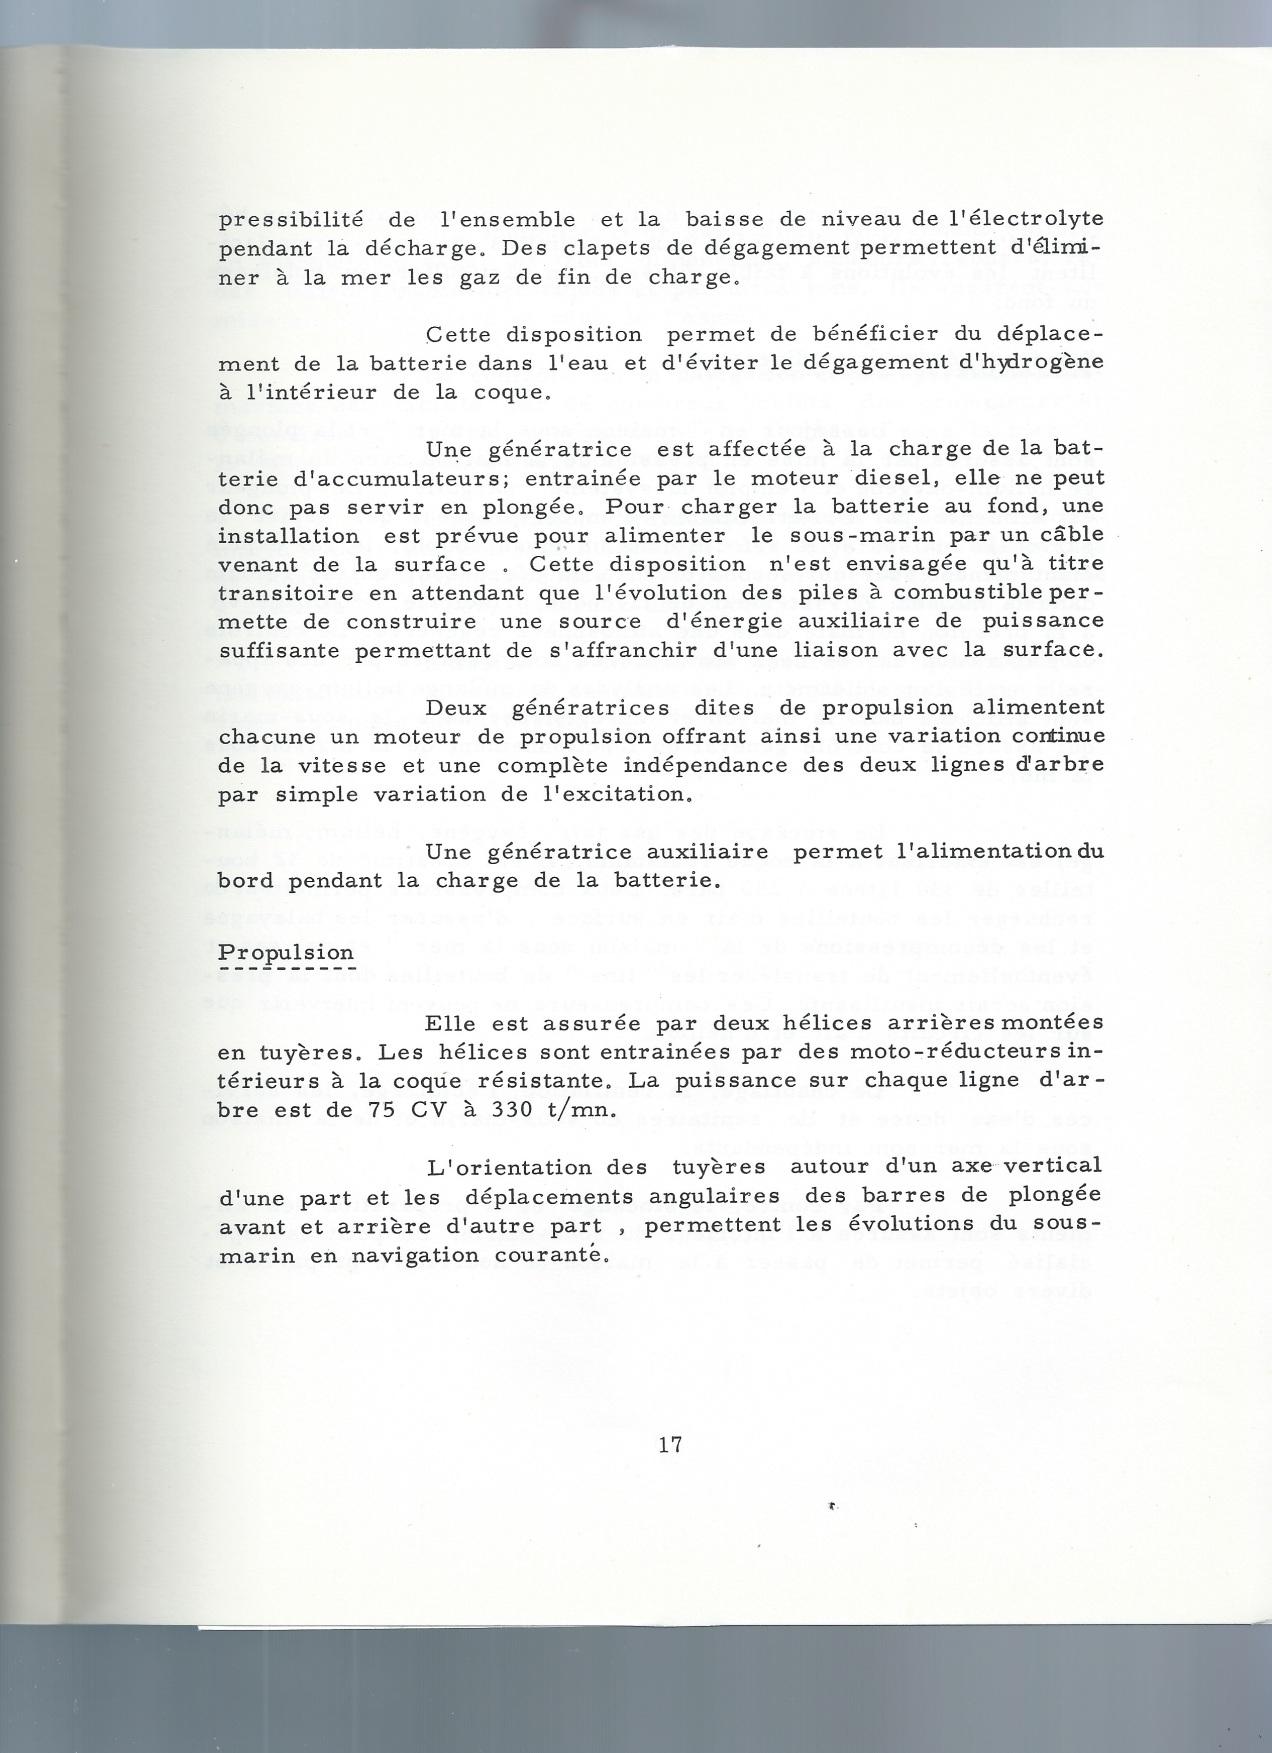 projet argyronete 1969_17